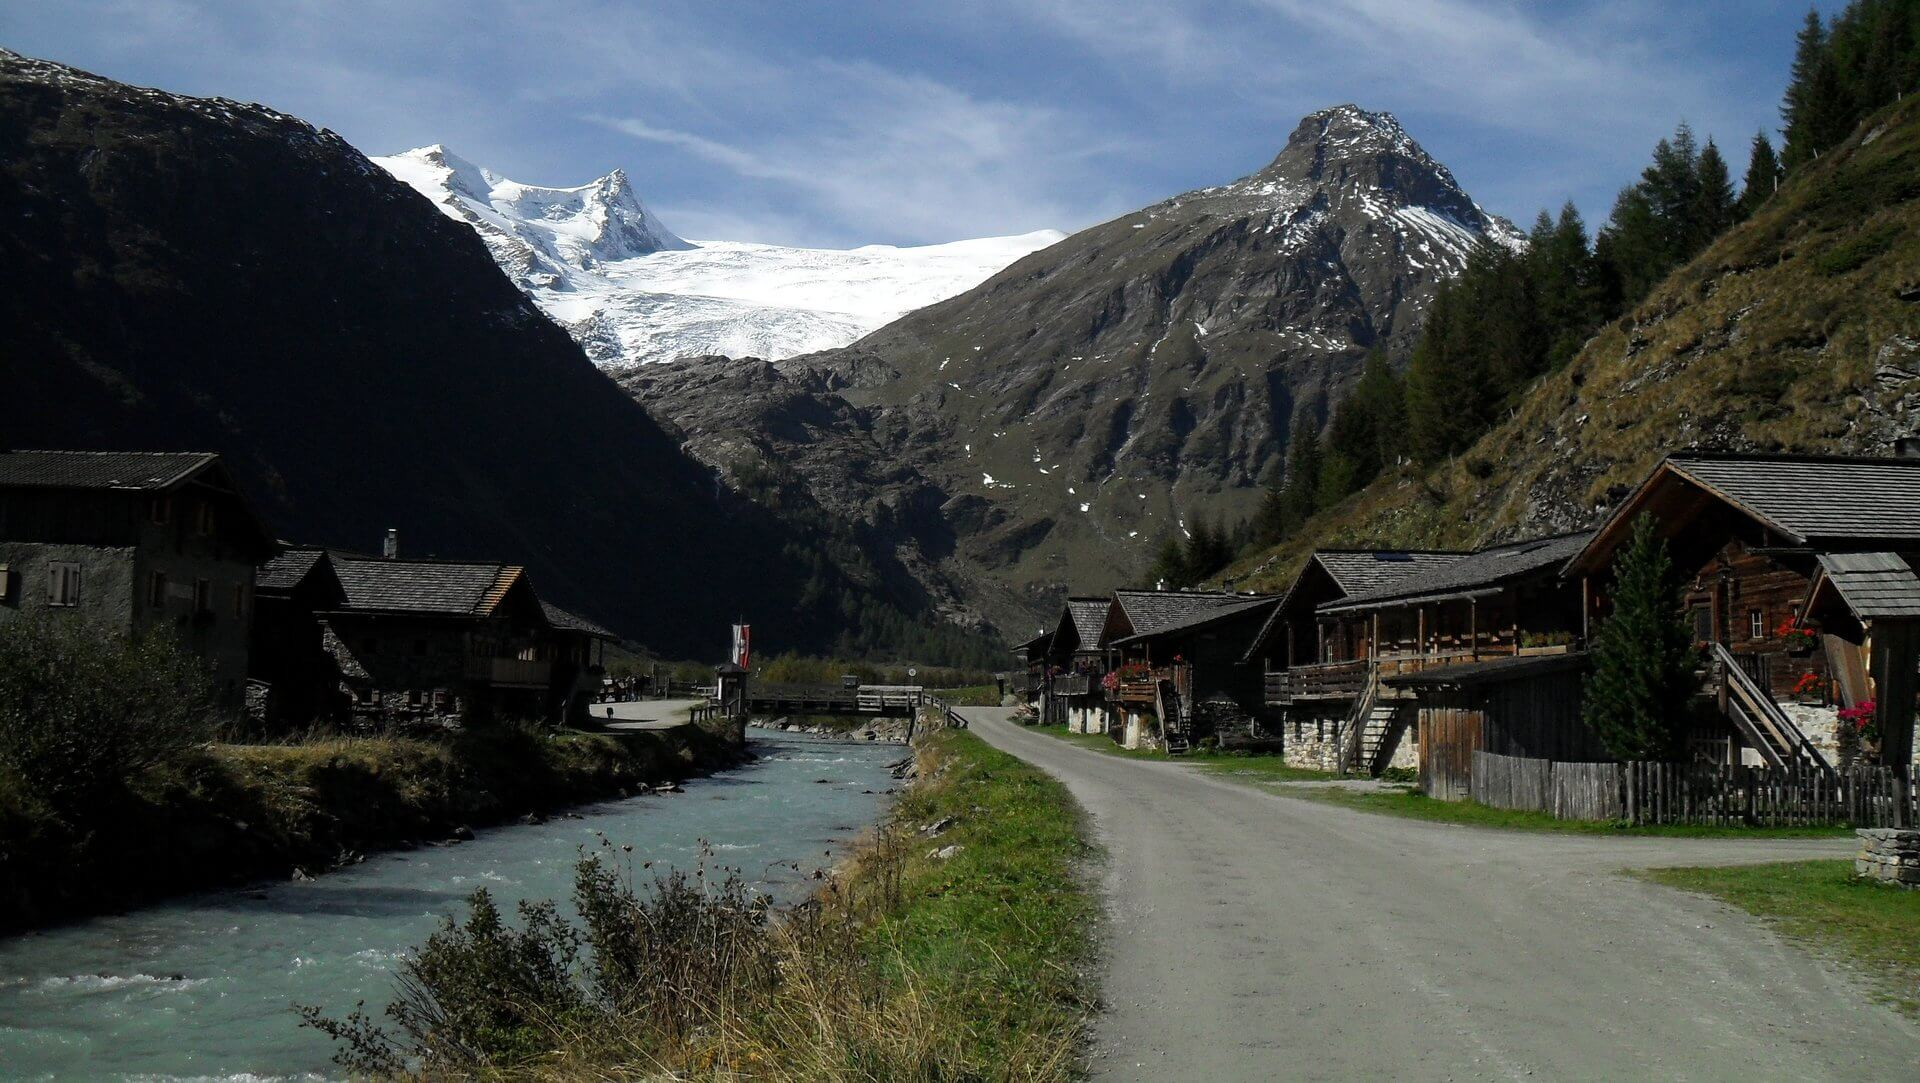 Das Osttiroler Gschlösstal: eine paradiesische Schönheit